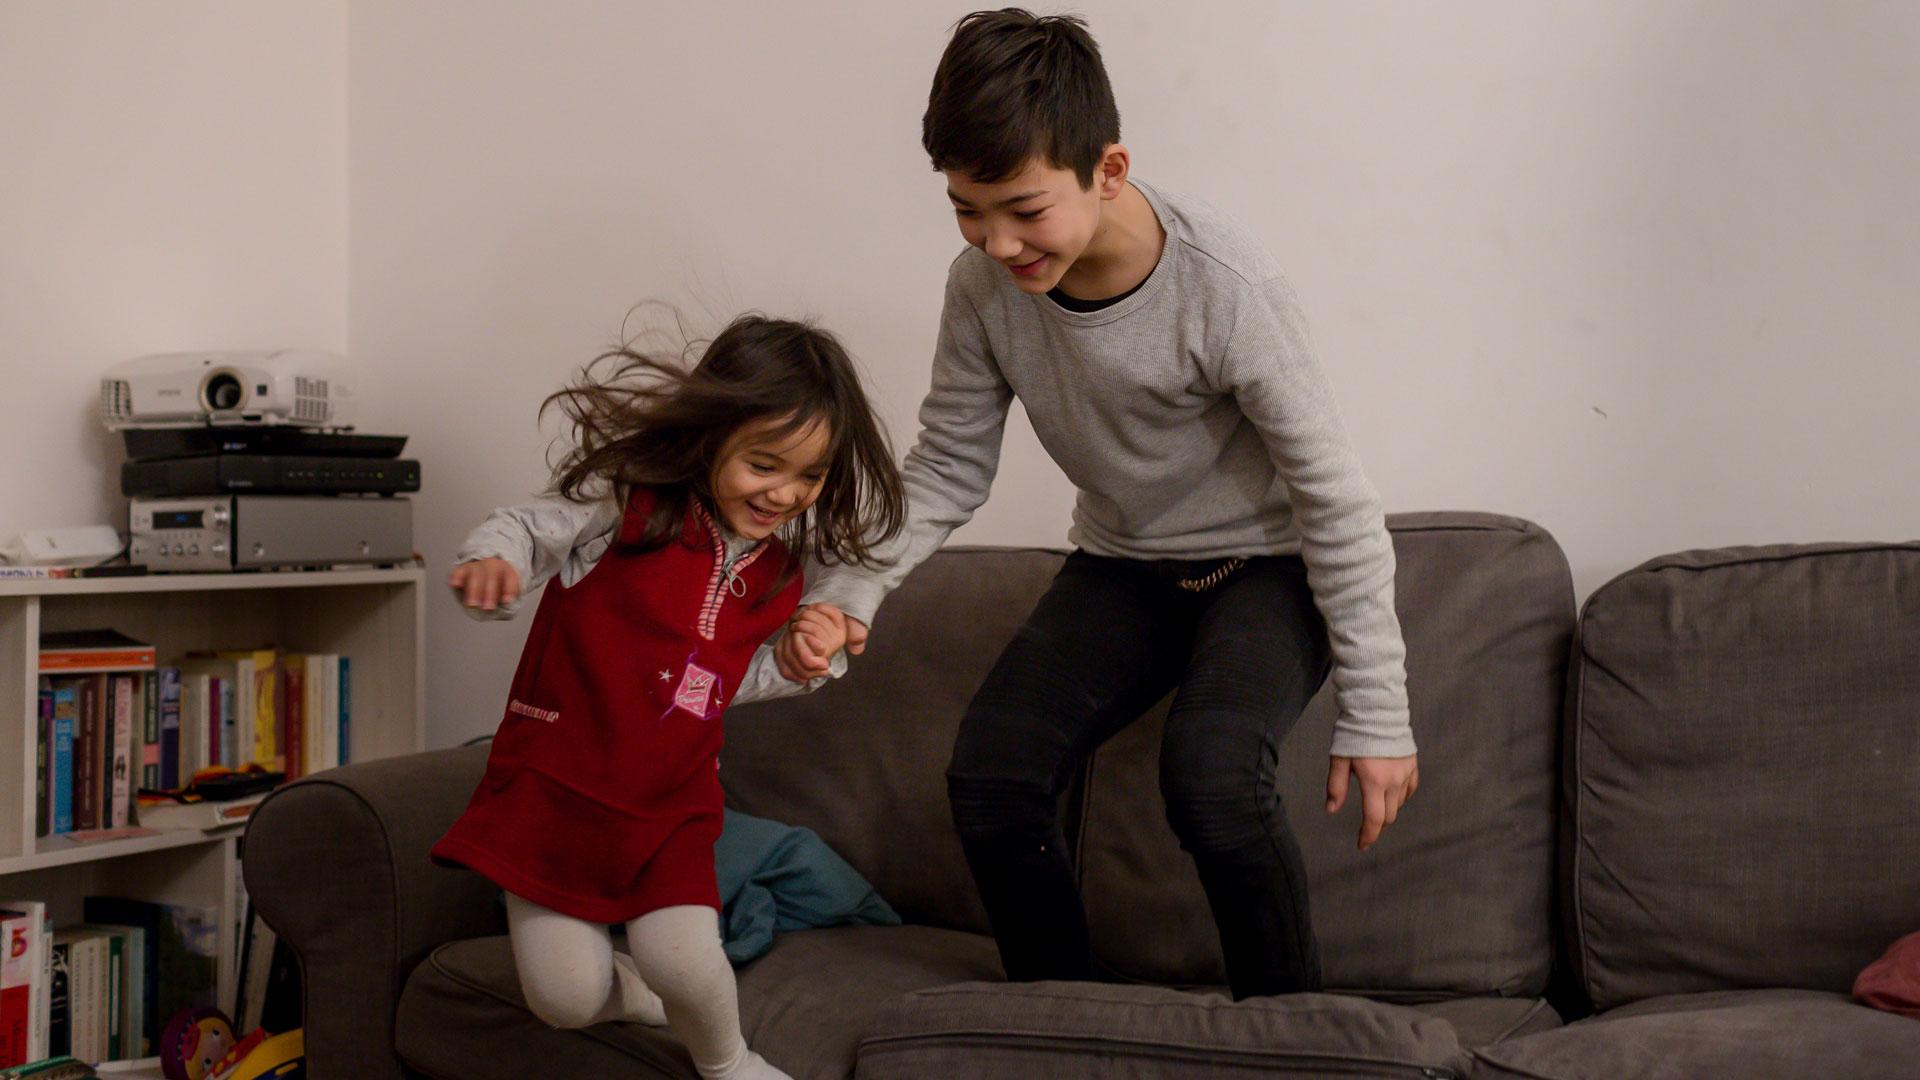 animo-film-kinder-springen-von-der-couch